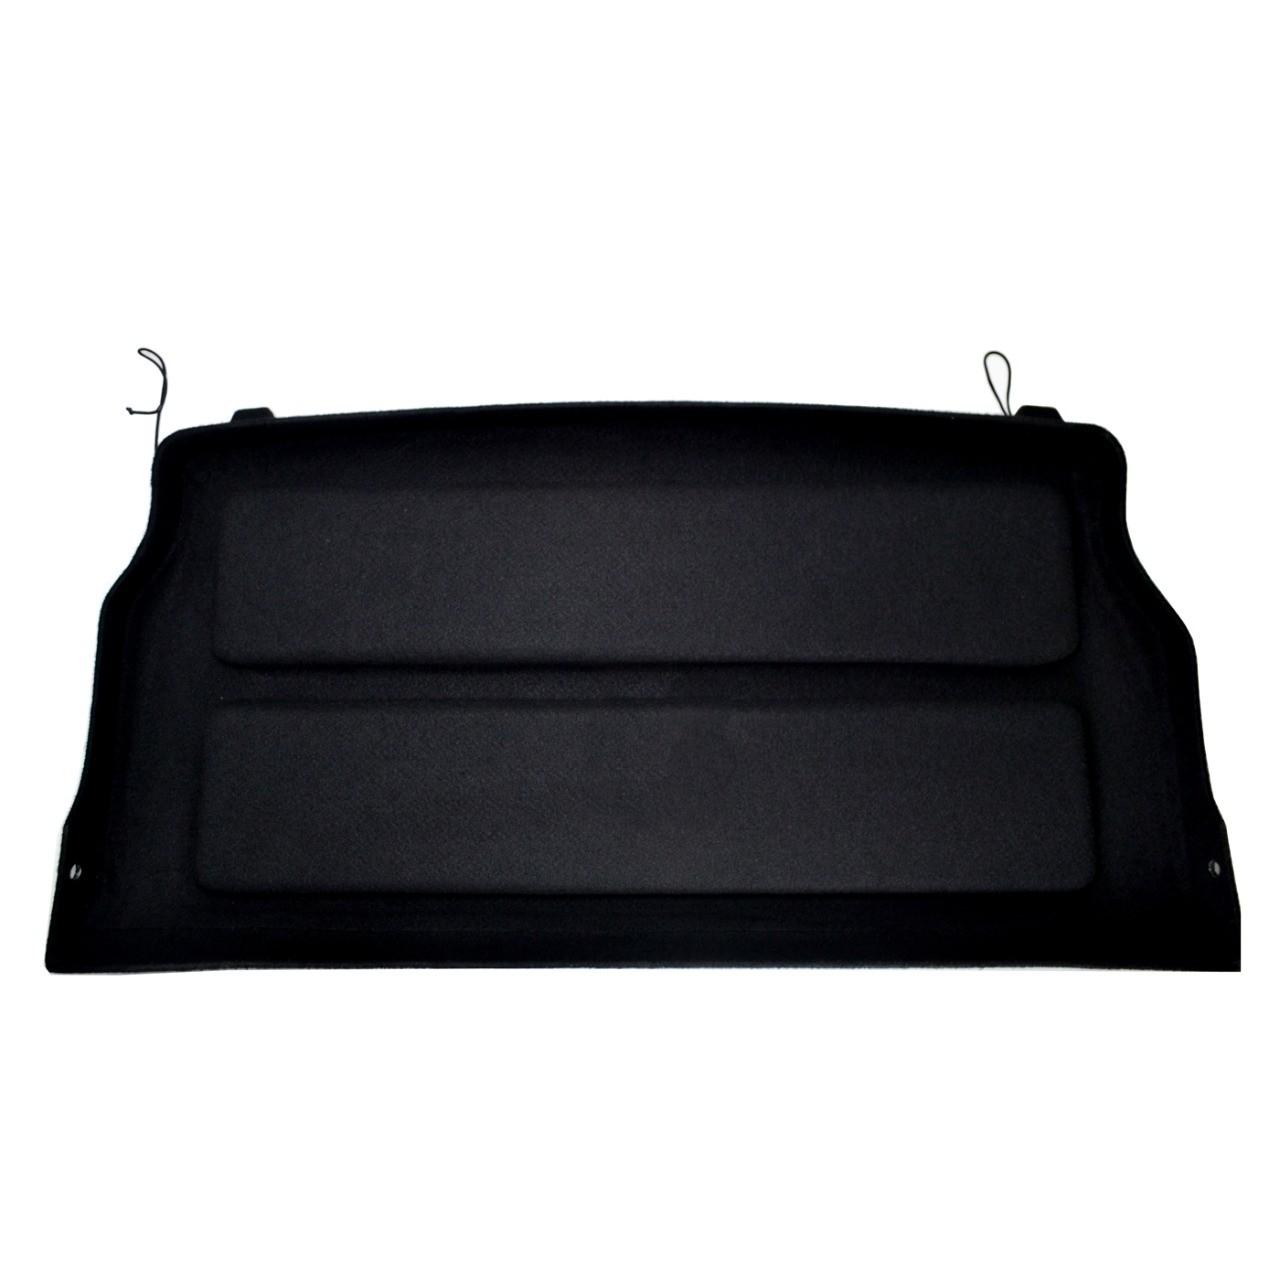 Tampão de Porta-Malas Renegade em Plástico PEAD c/ Carpete Preto